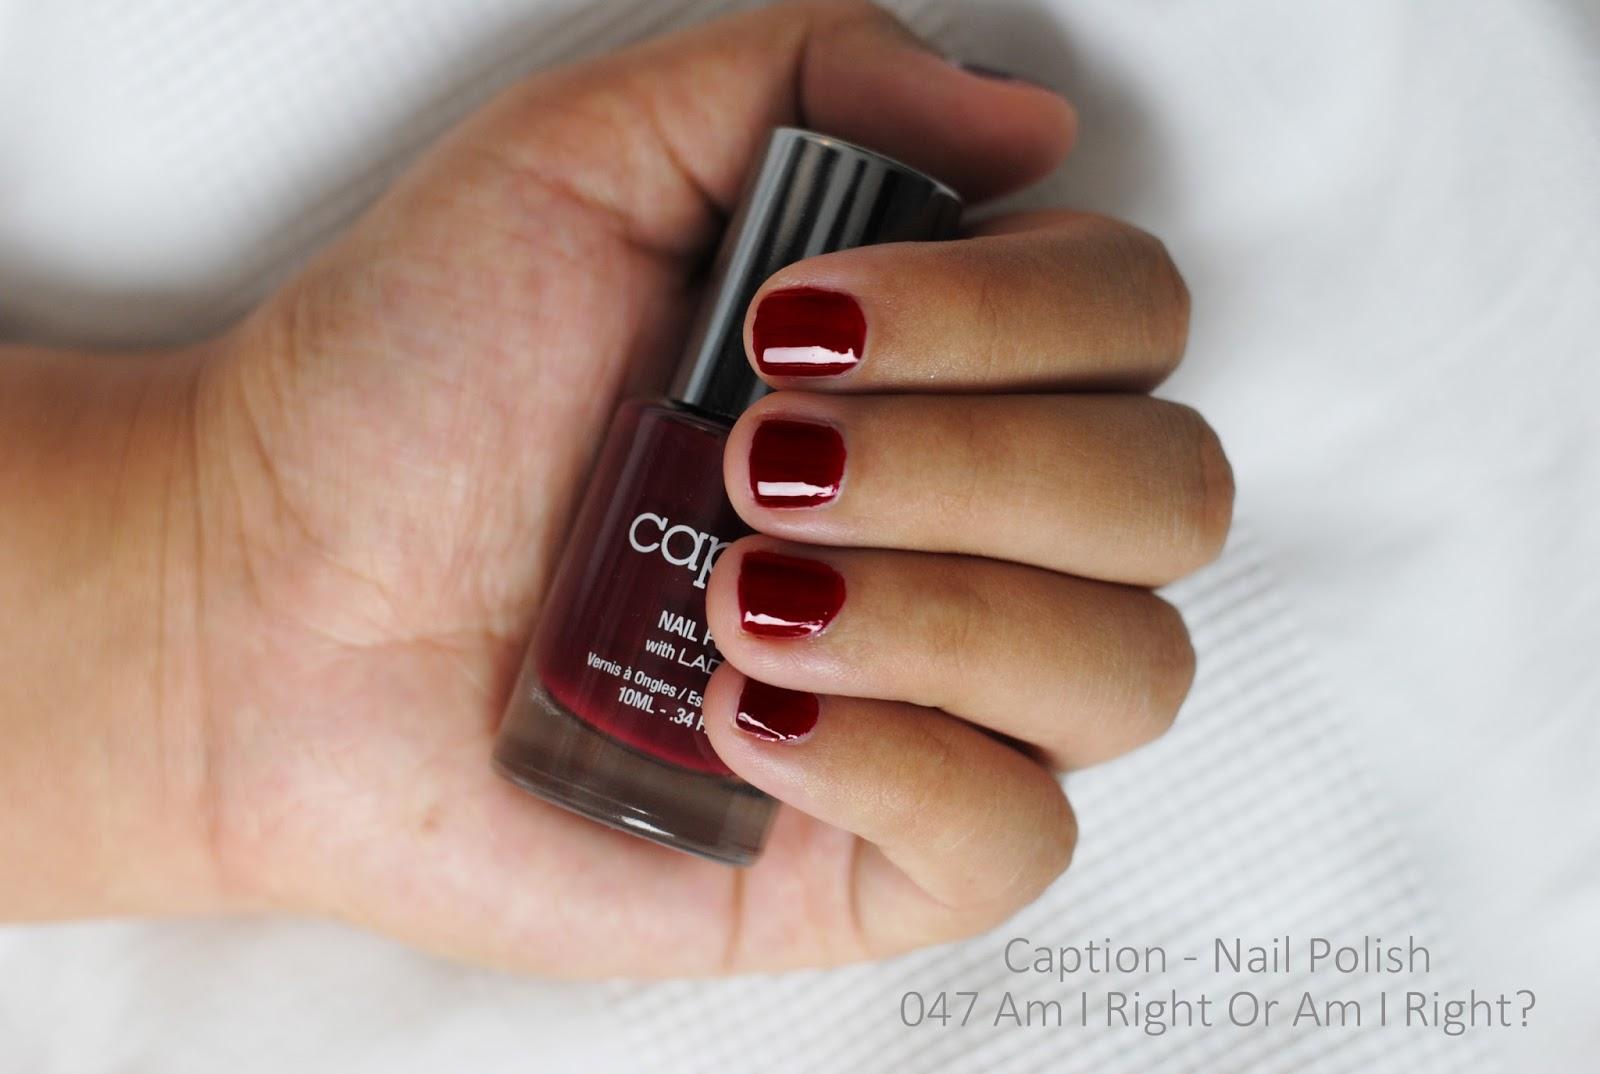 I AM A FASHIONEER: Caption - Burgundy Nails